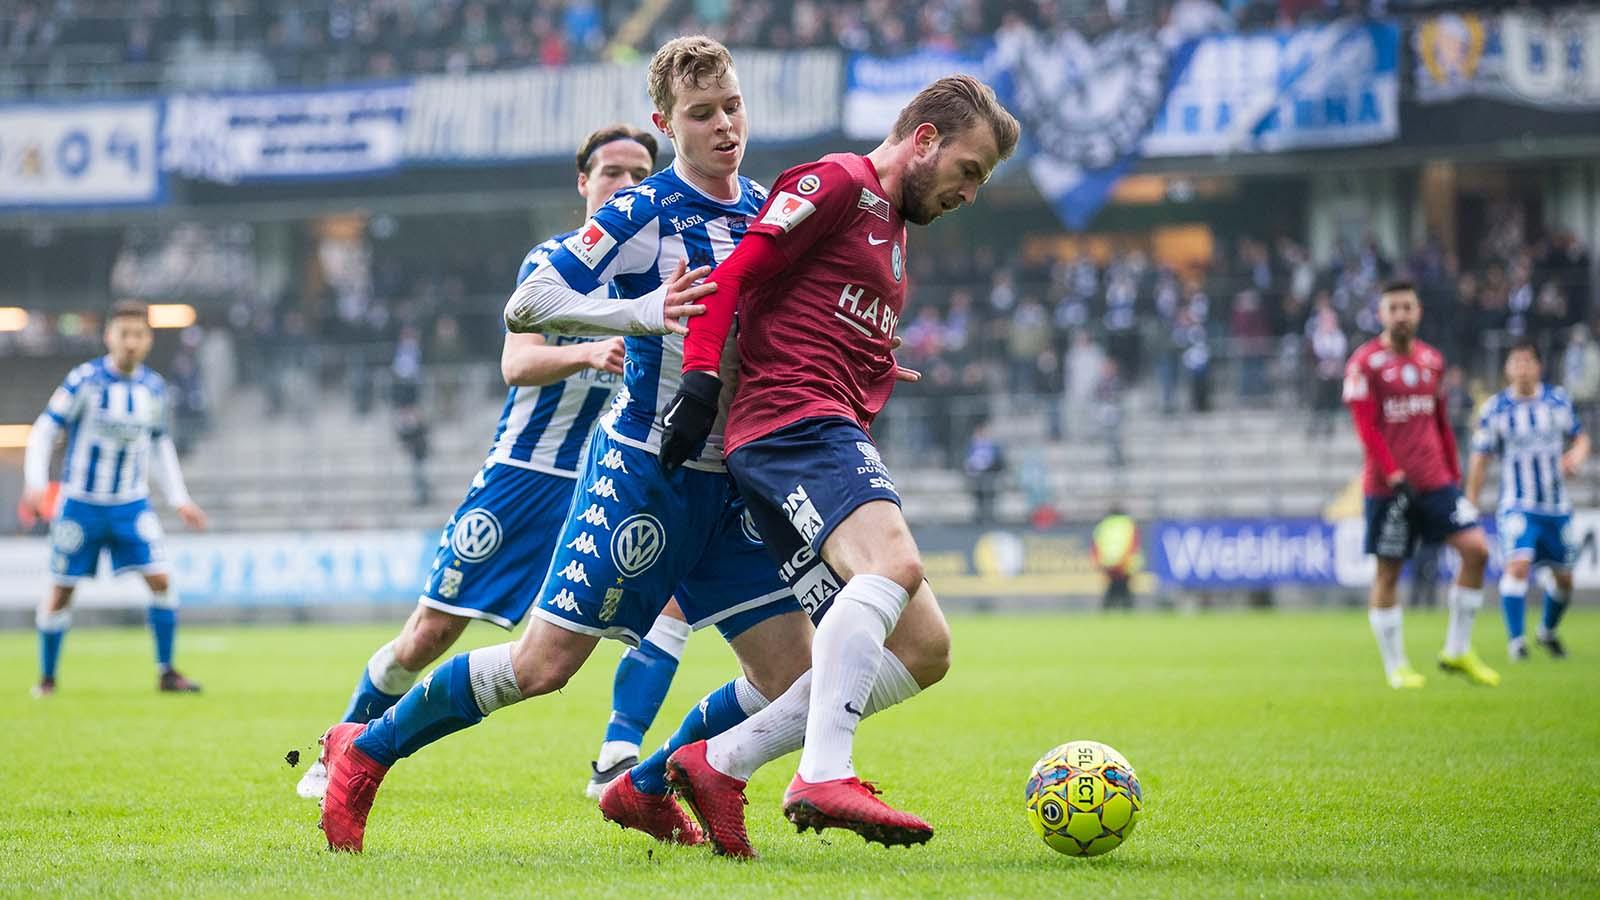 180324 IFK Göteborgs Victor Wernersson och Örgrytes Simon Nilsson under en träningsmatch i fotboll mellan IFK Göteborg och Örgryte den 24 mars 2018 i Göteborg. Foto: Michael Erichsen / BILDBYRÅN / Cop 89